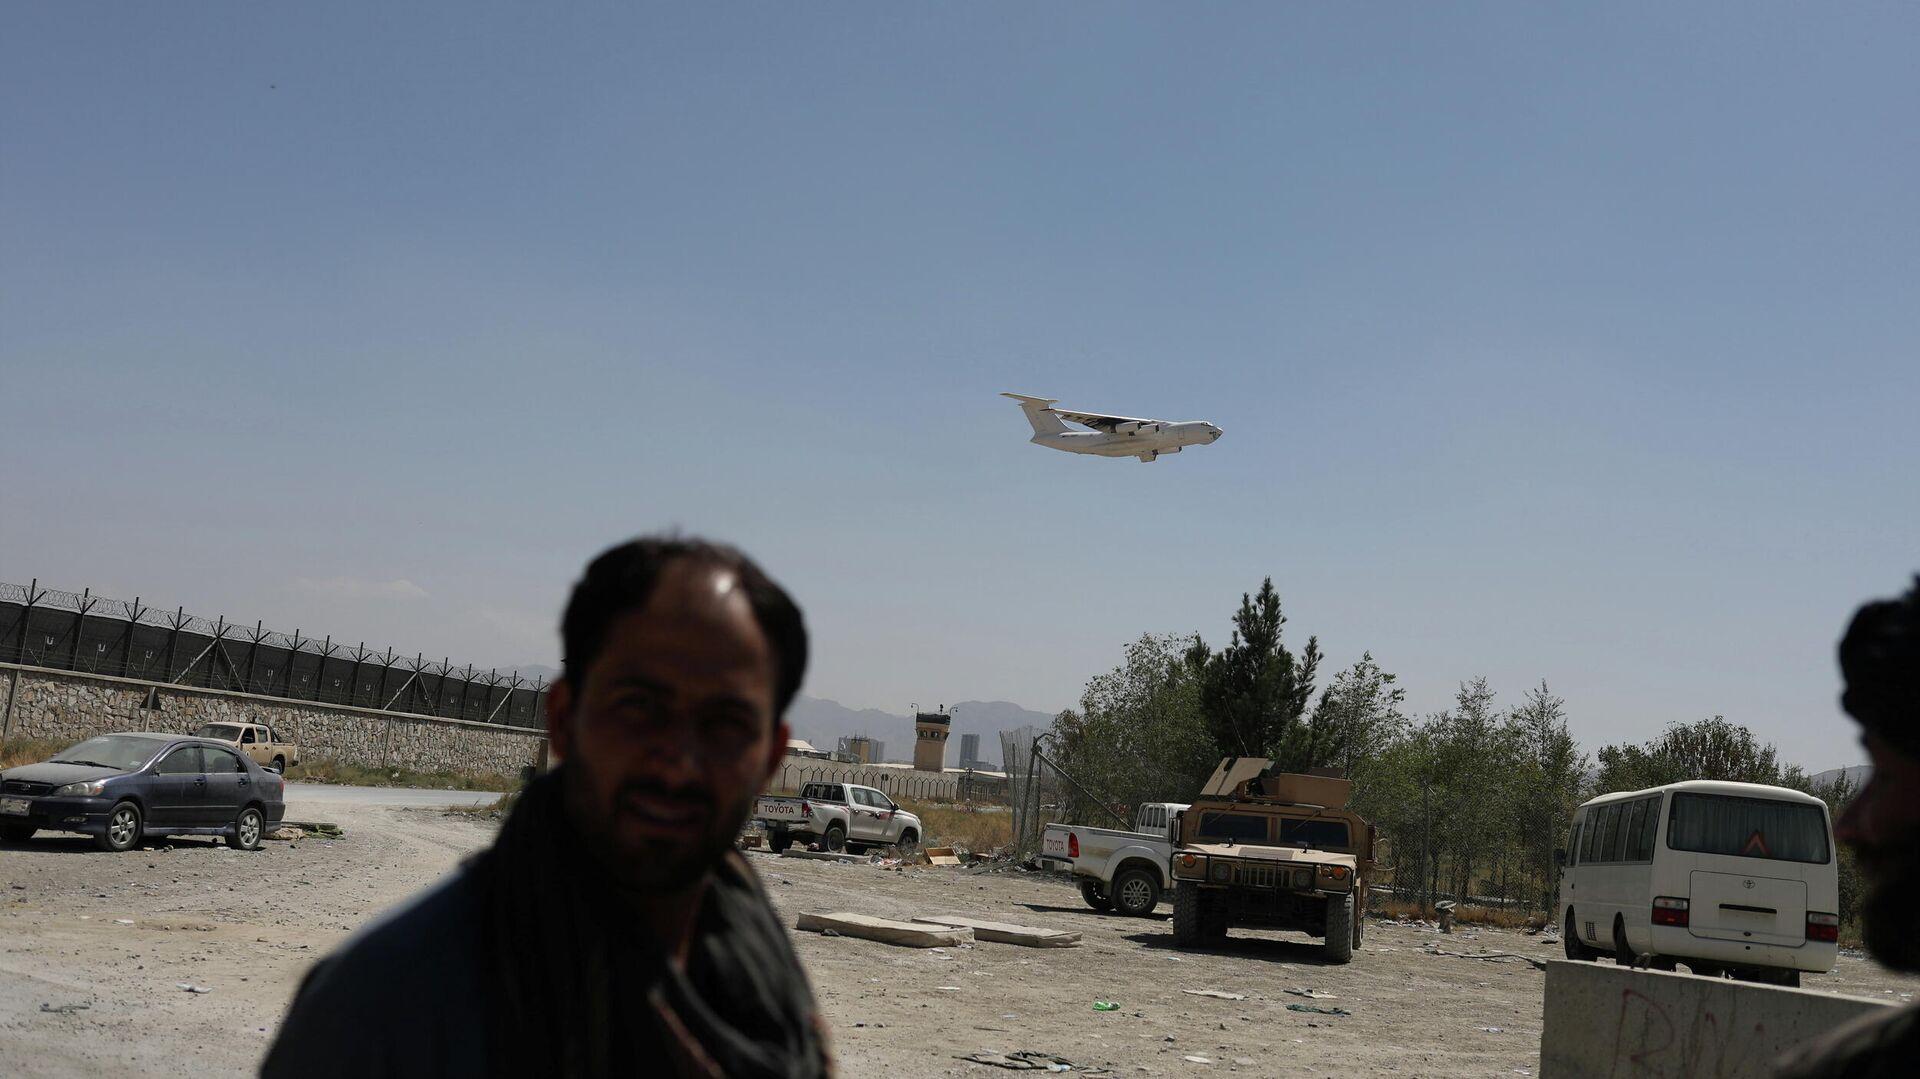 Un avión de carga despega en Kabul, Afganistán, el 5 de septiembre de 2021 - Sputnik Mundo, 1920, 05.09.2021